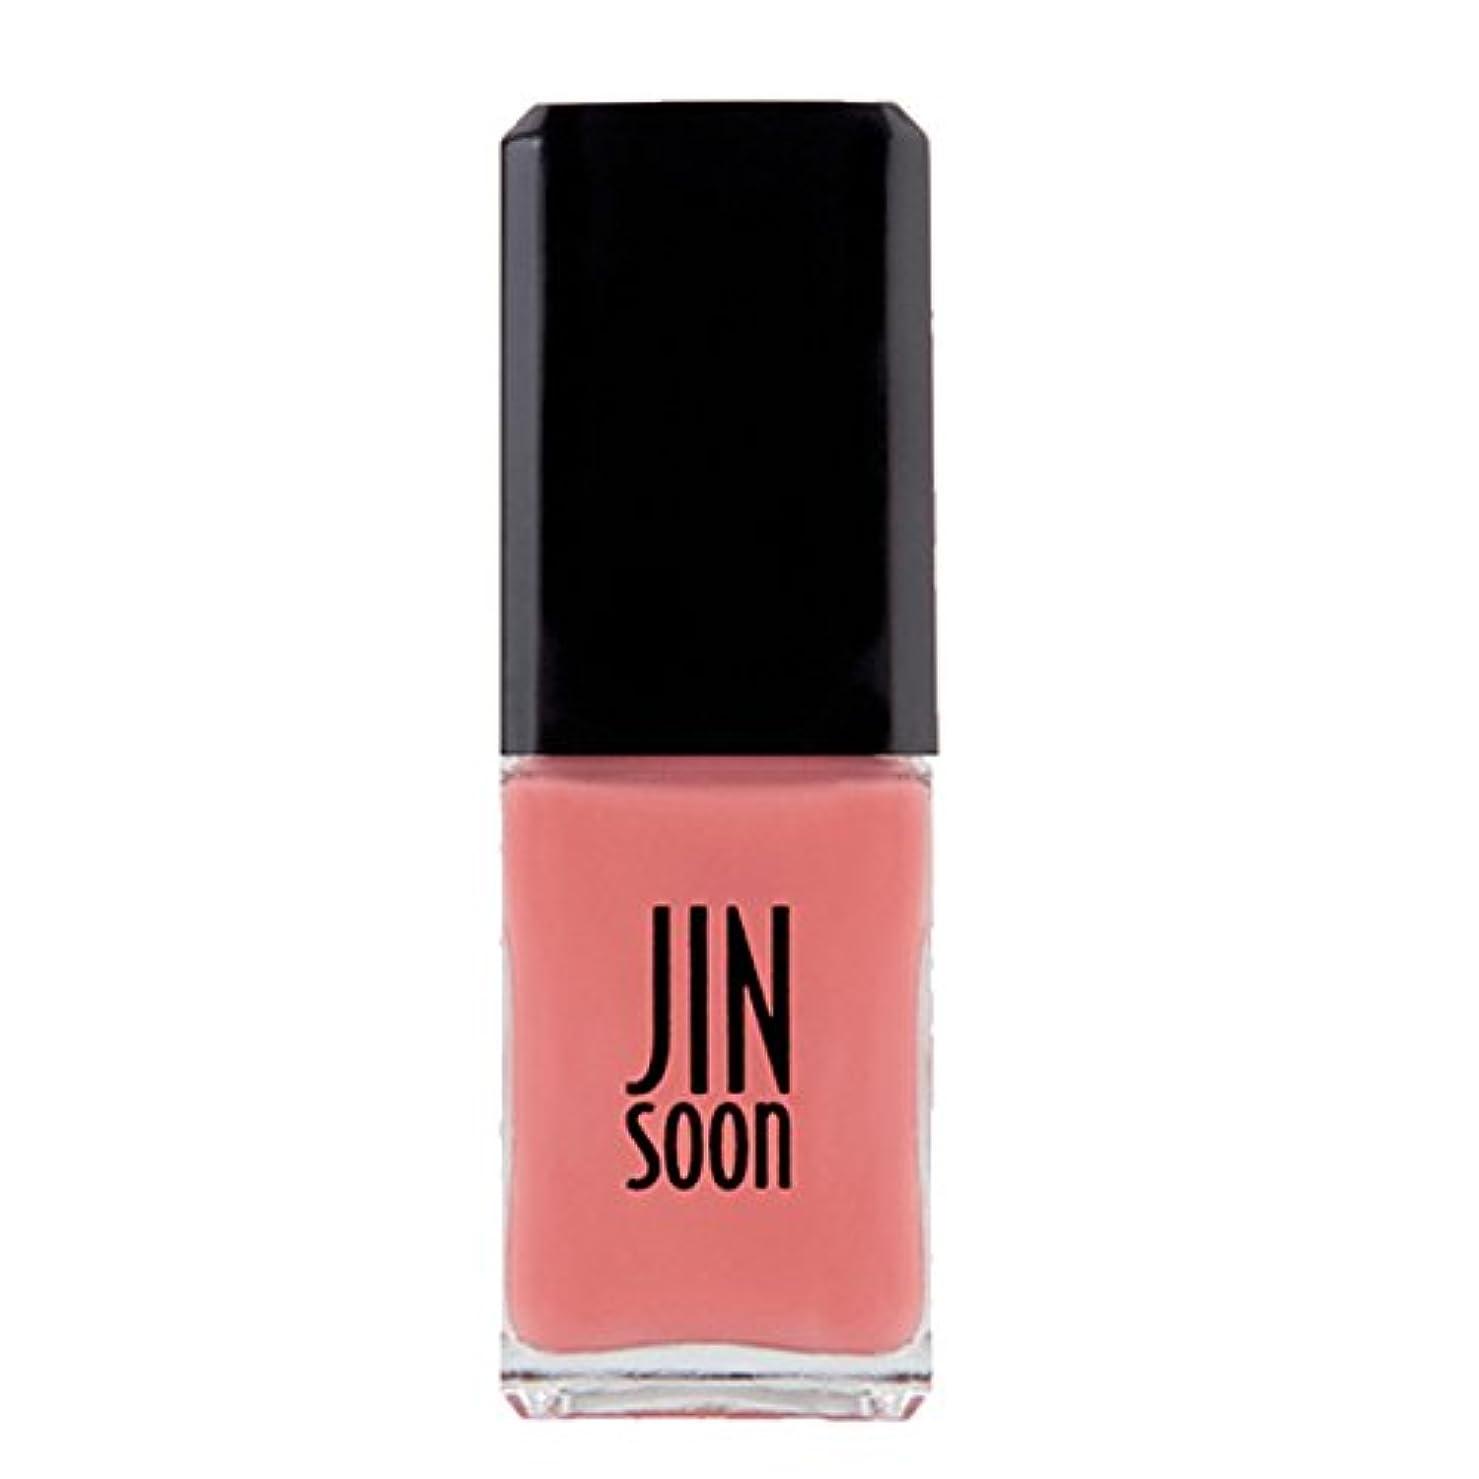 金曜日モザイク黙認する[ジンスーン] [ jinsoon] ティーローズ(ライト コーラル)TEA ROSE ジンスーン 5フリー ネイルポリッシュ ピンク 11mL